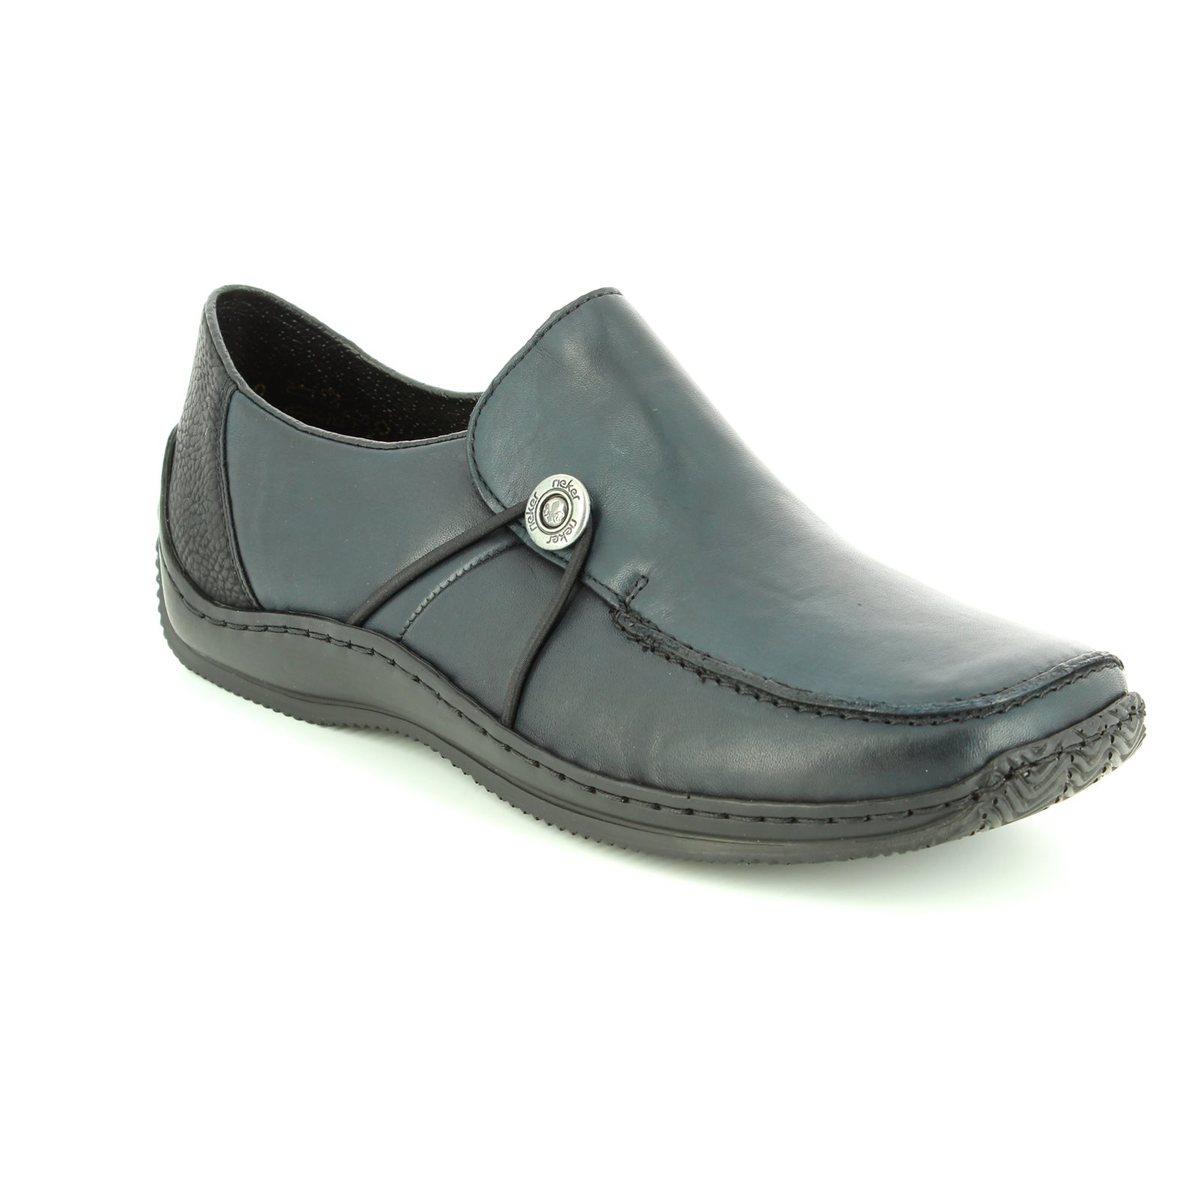 5e7c240e04b Rieker Comfort Shoes - Navy - L1781-14 CELIA 62